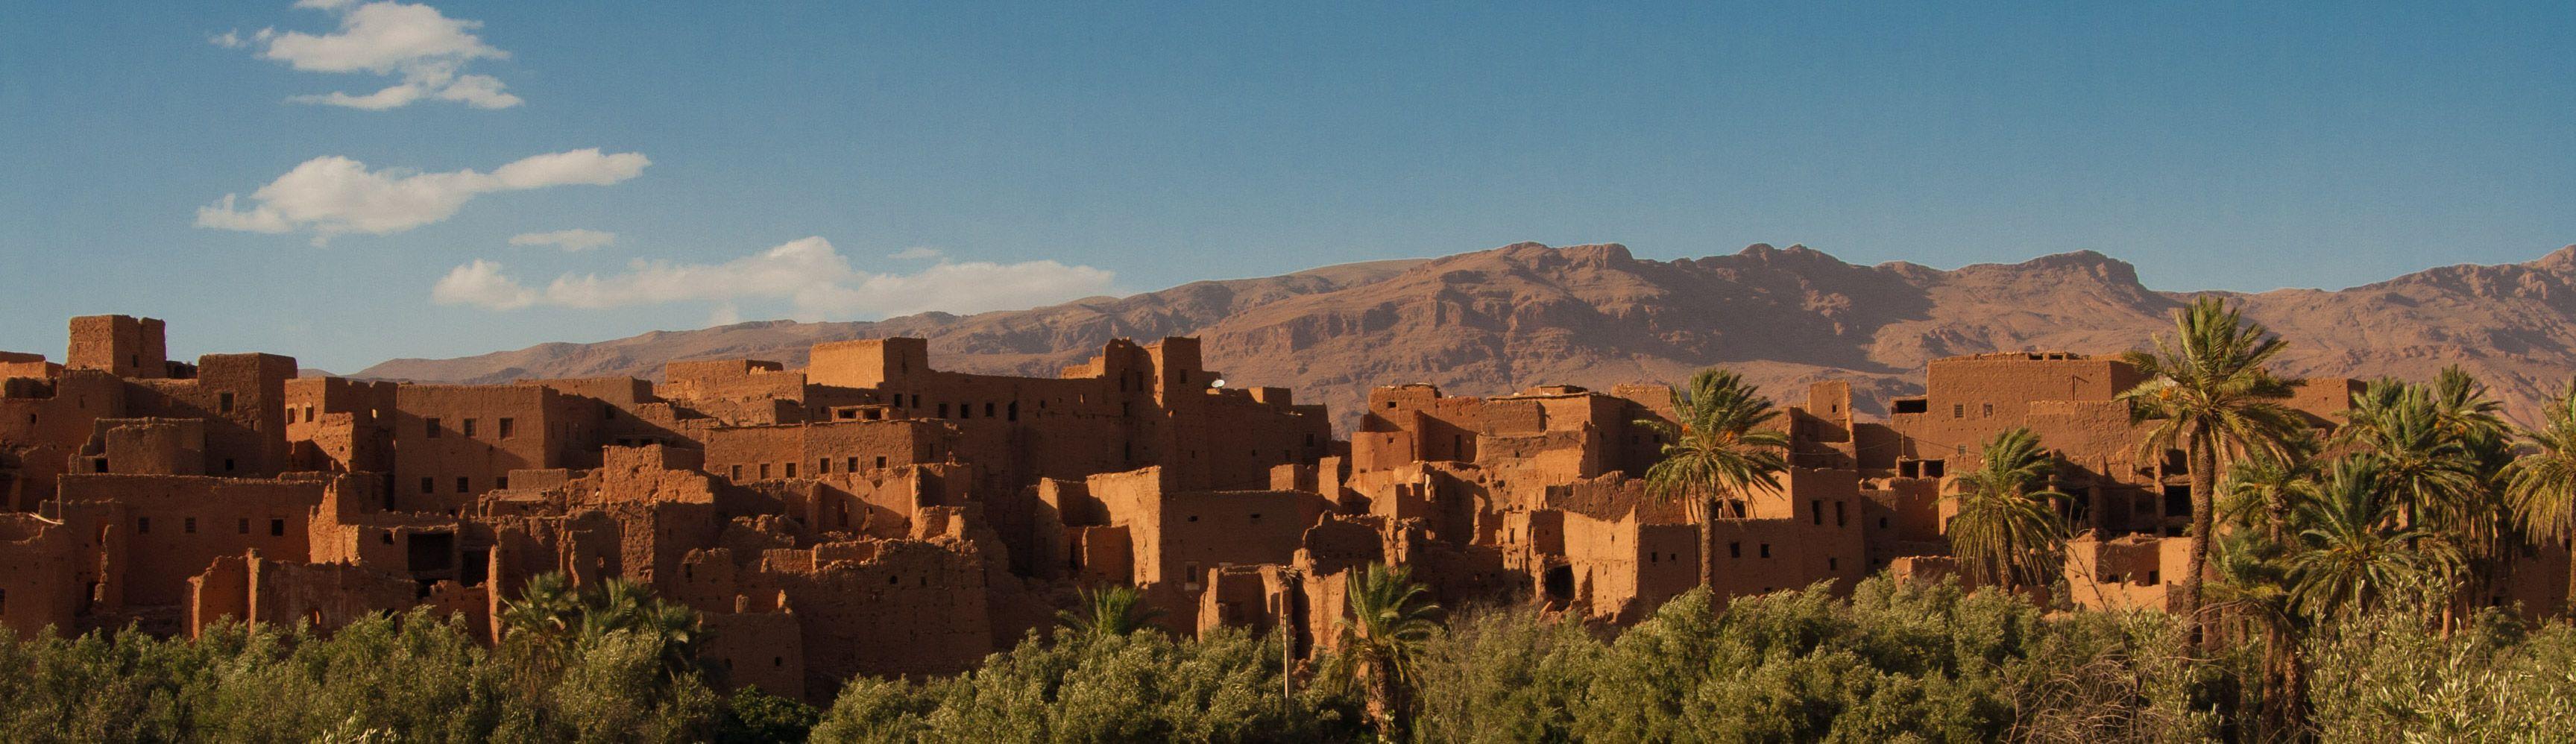 Viajes de Aventura y turismo responsable, en Marruecos.